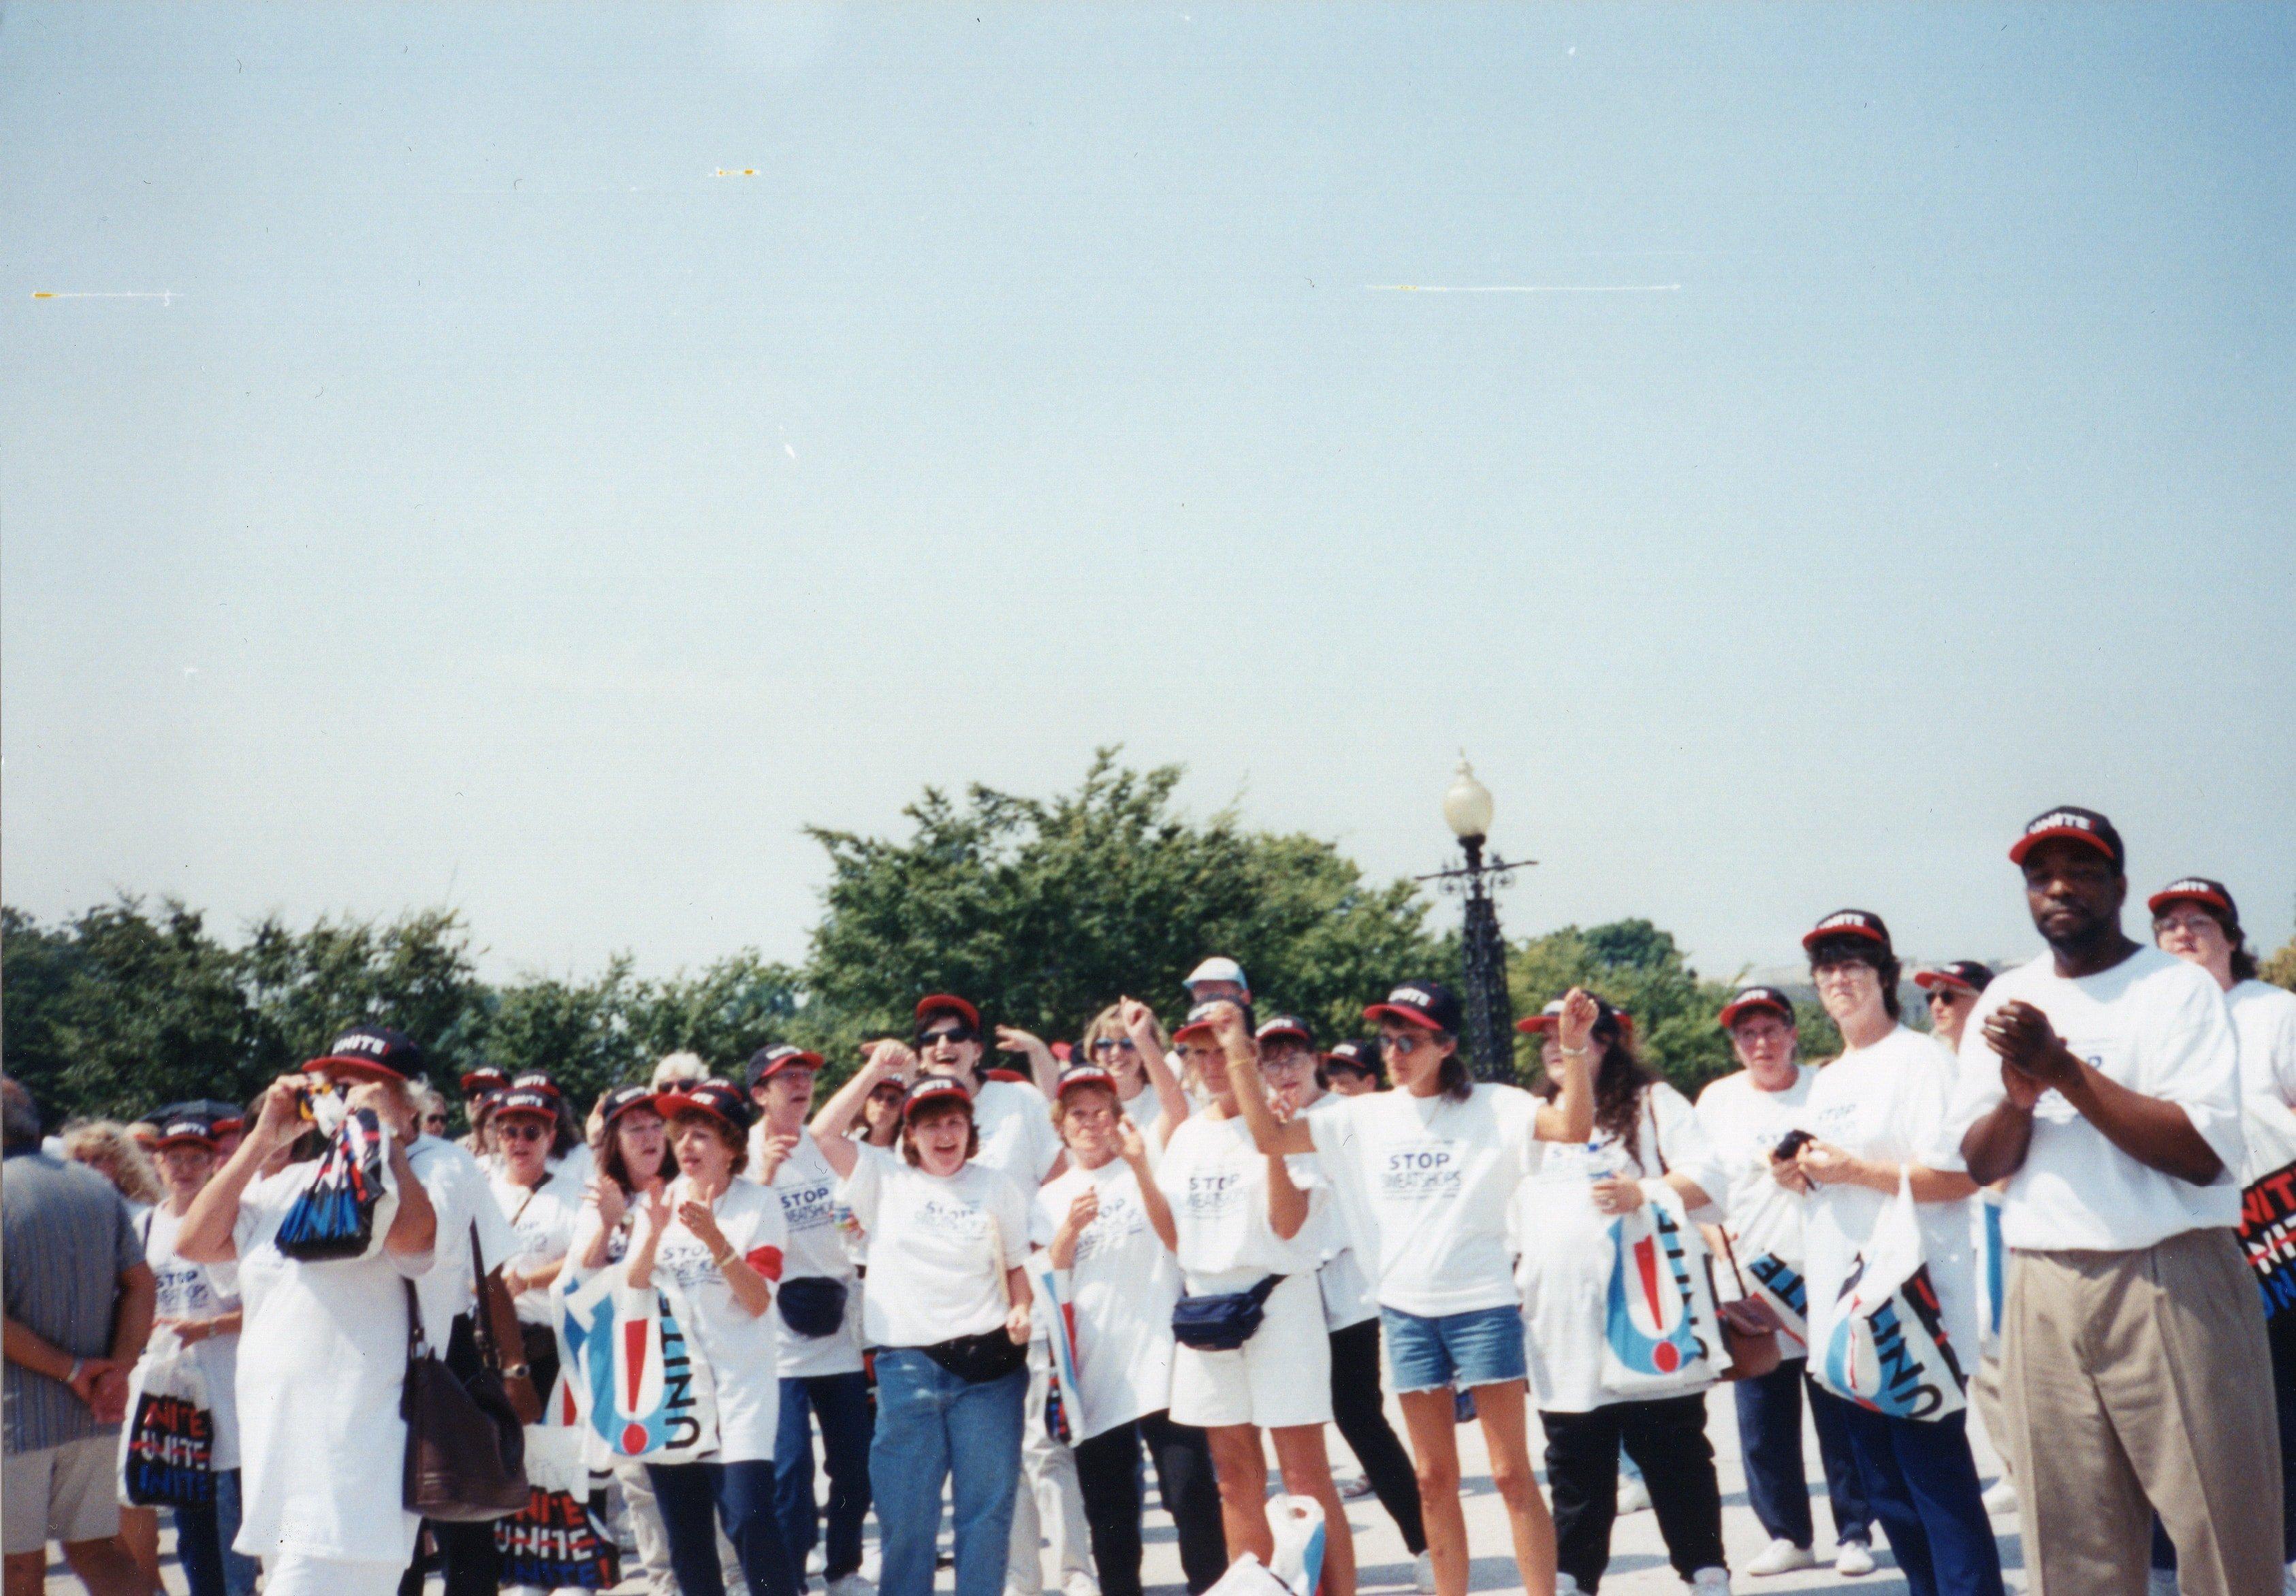 Amalgamated Clothing and Textile Workers Union (ACTWU) Protest, Washington, D.C., 1991